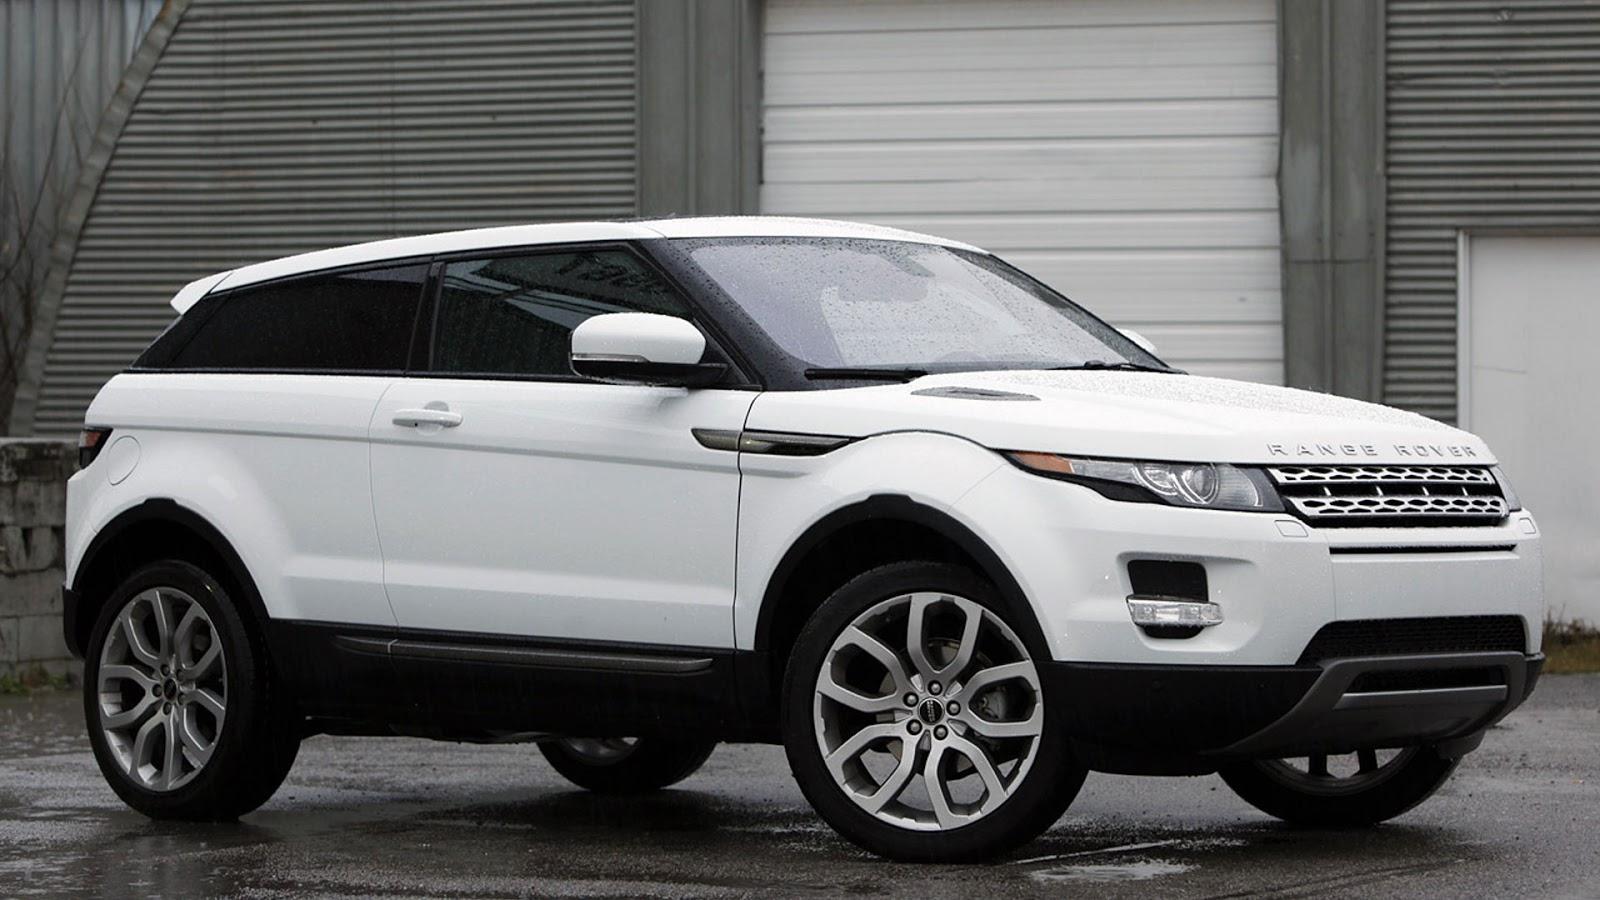 o suv de luxo range rover evoque incar autos carros autom veis. Black Bedroom Furniture Sets. Home Design Ideas